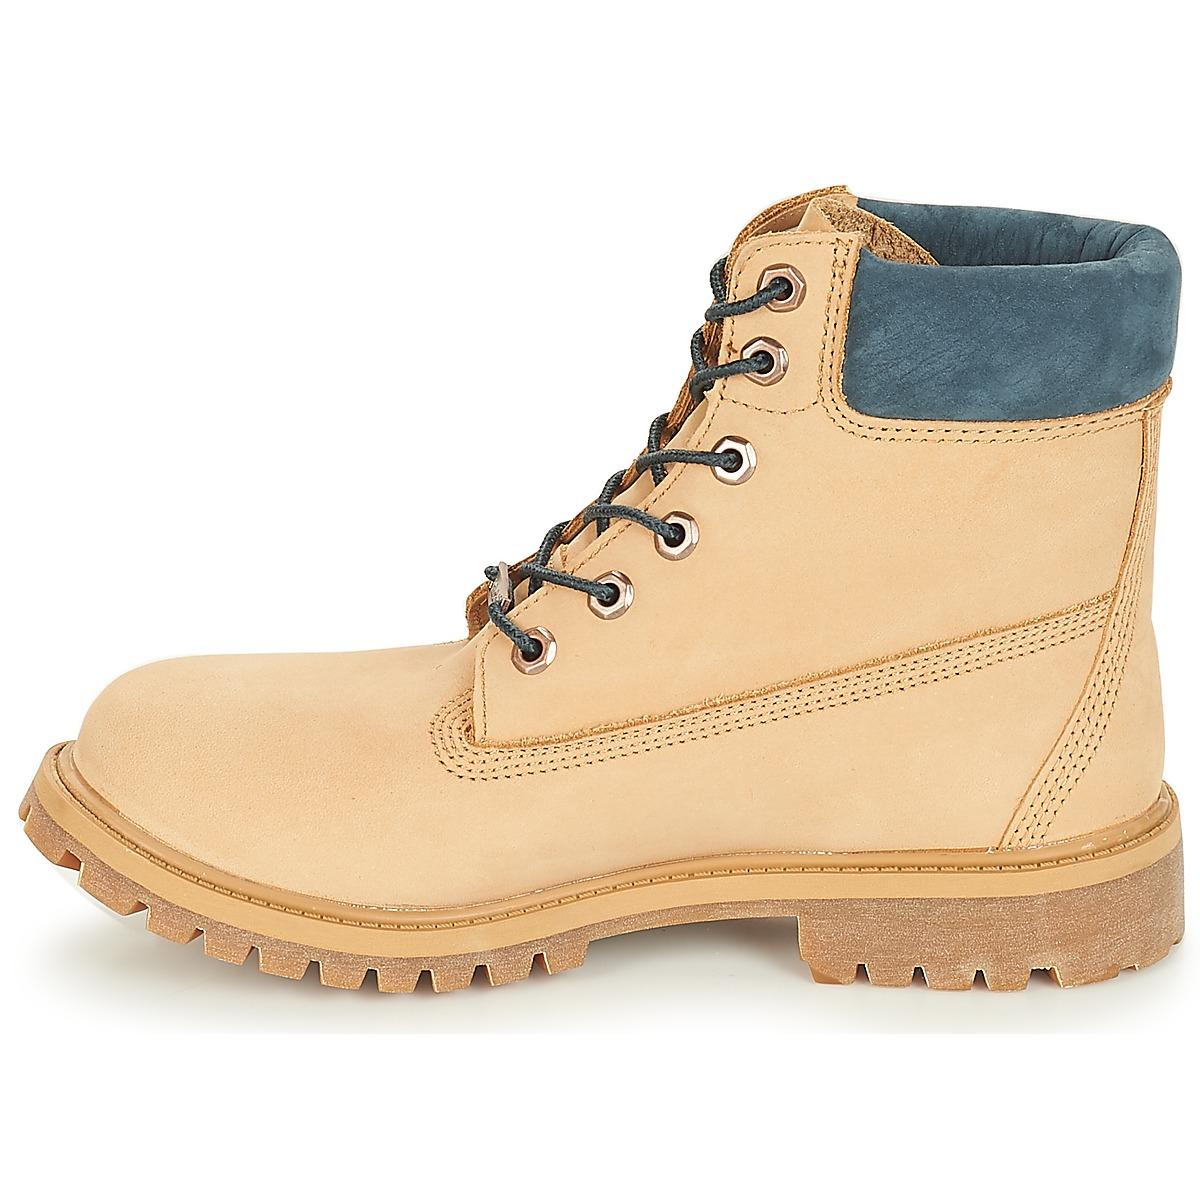 Timberland  6 Inch Premium boots (waterdicht) (maat 35 t/m 40)